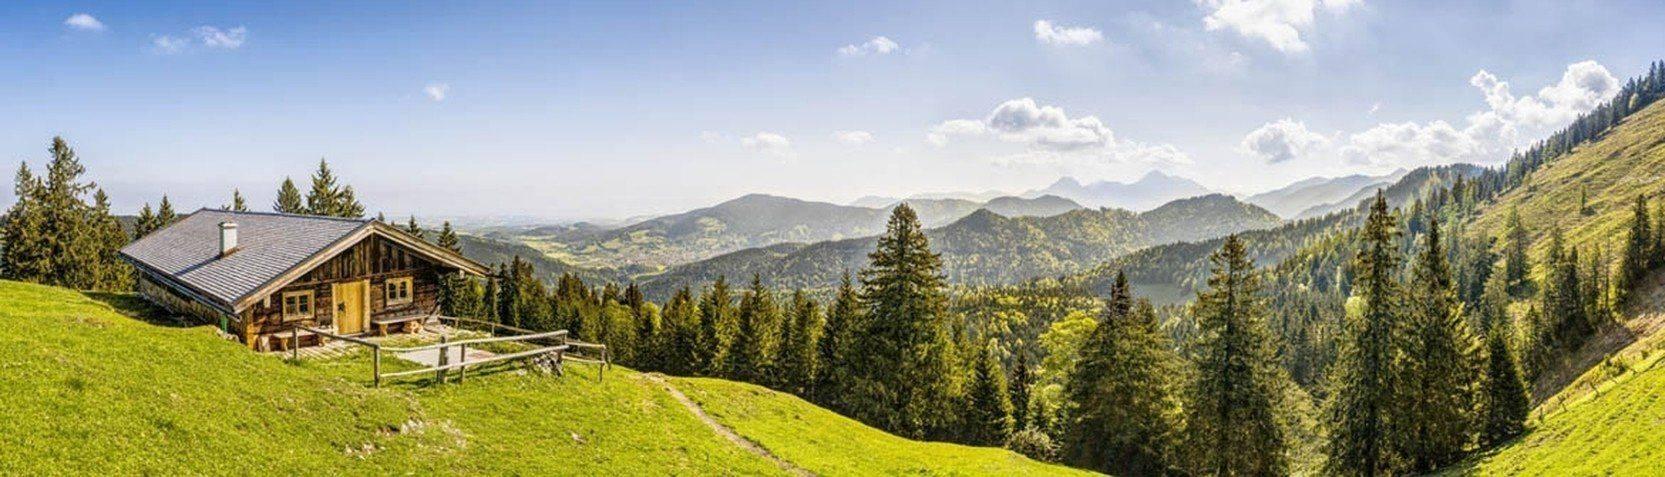 Fotografía - Montañas y valles